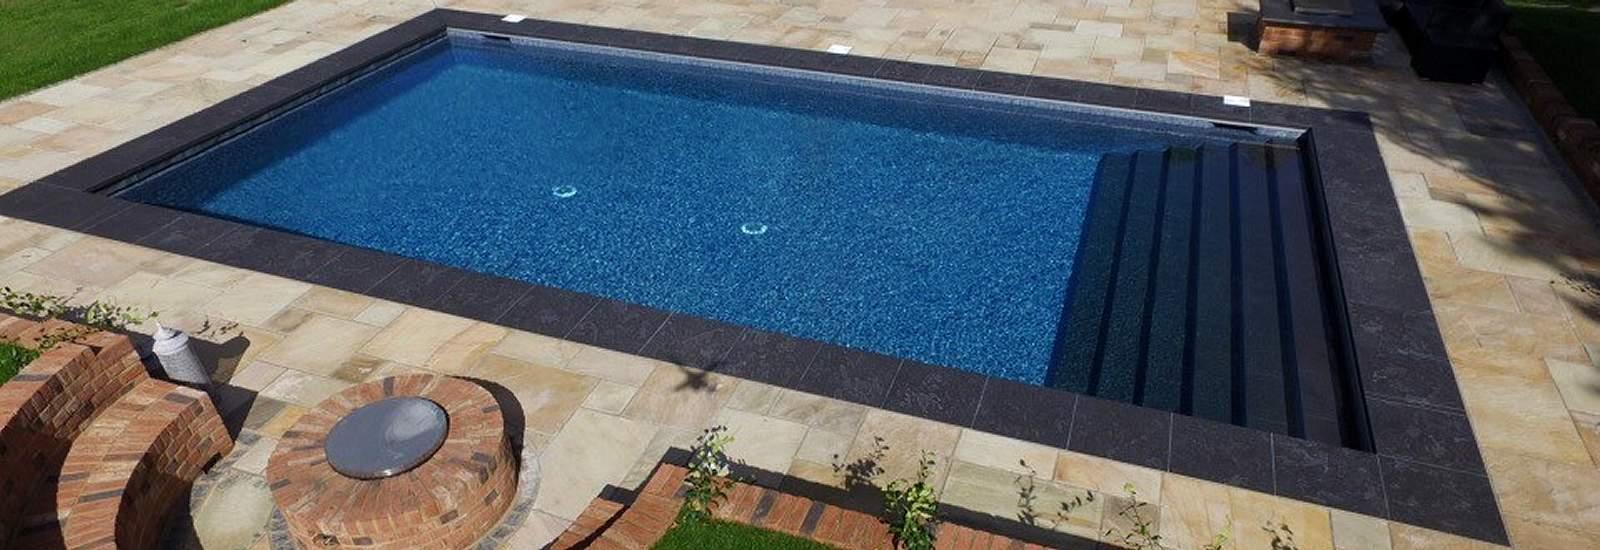 Pool Copings